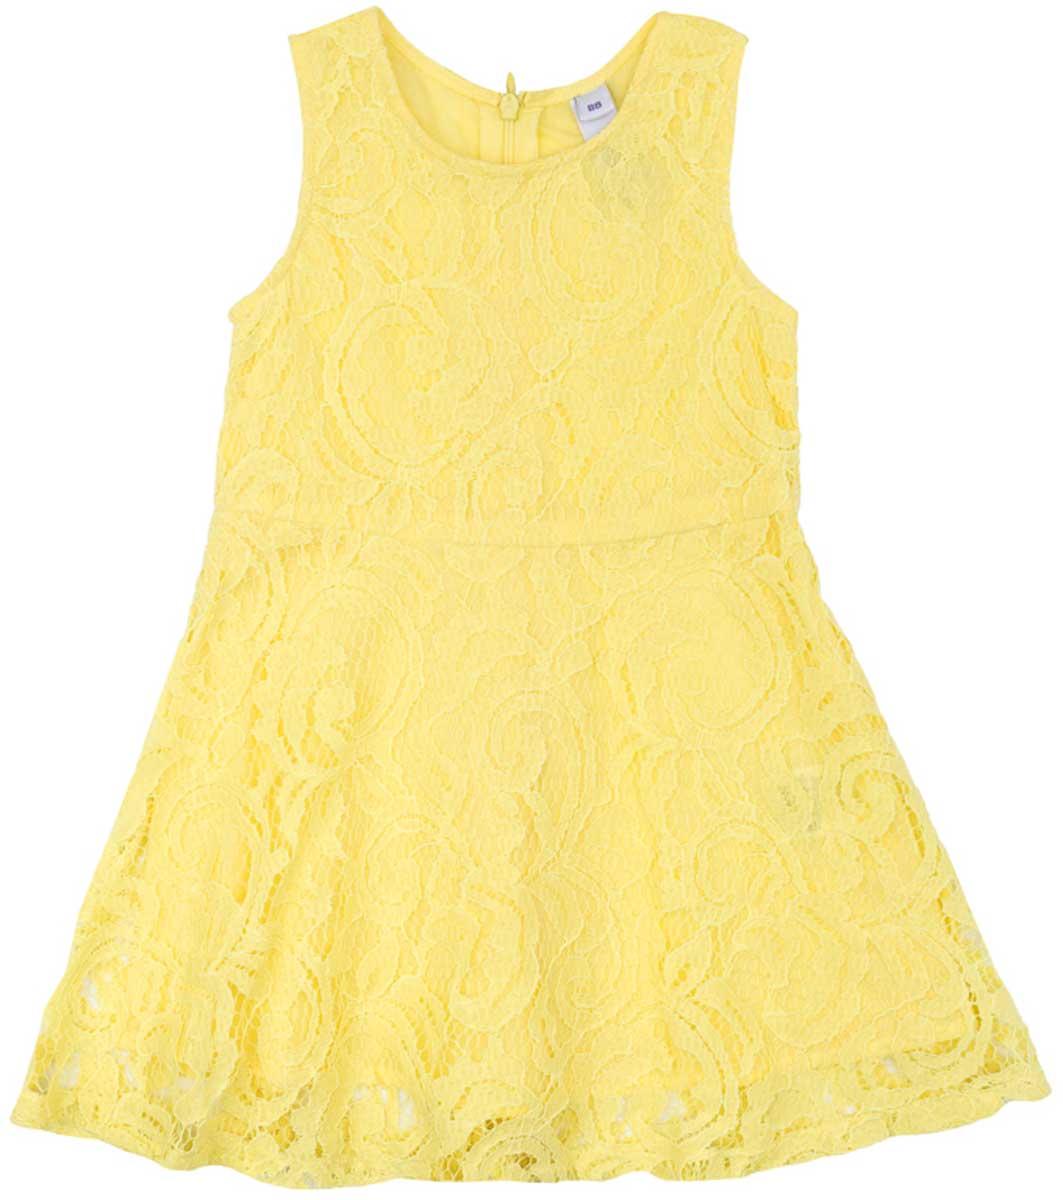 Платье для девочки PlayToday, цвет: желтый. 172112. Размер 98172112Ажурное платье PlayToday, отрезное по талии, с округлым вырезом у горловины, понравится вашей моднице. Свободный крой не сковывает движений. Приятная на ощупь ткань не раздражает нежную кожу ребенка. Модель на подкладке из натурального хлопка. Платье будет прекрасным дополнением к детскому летнему гардеробу.